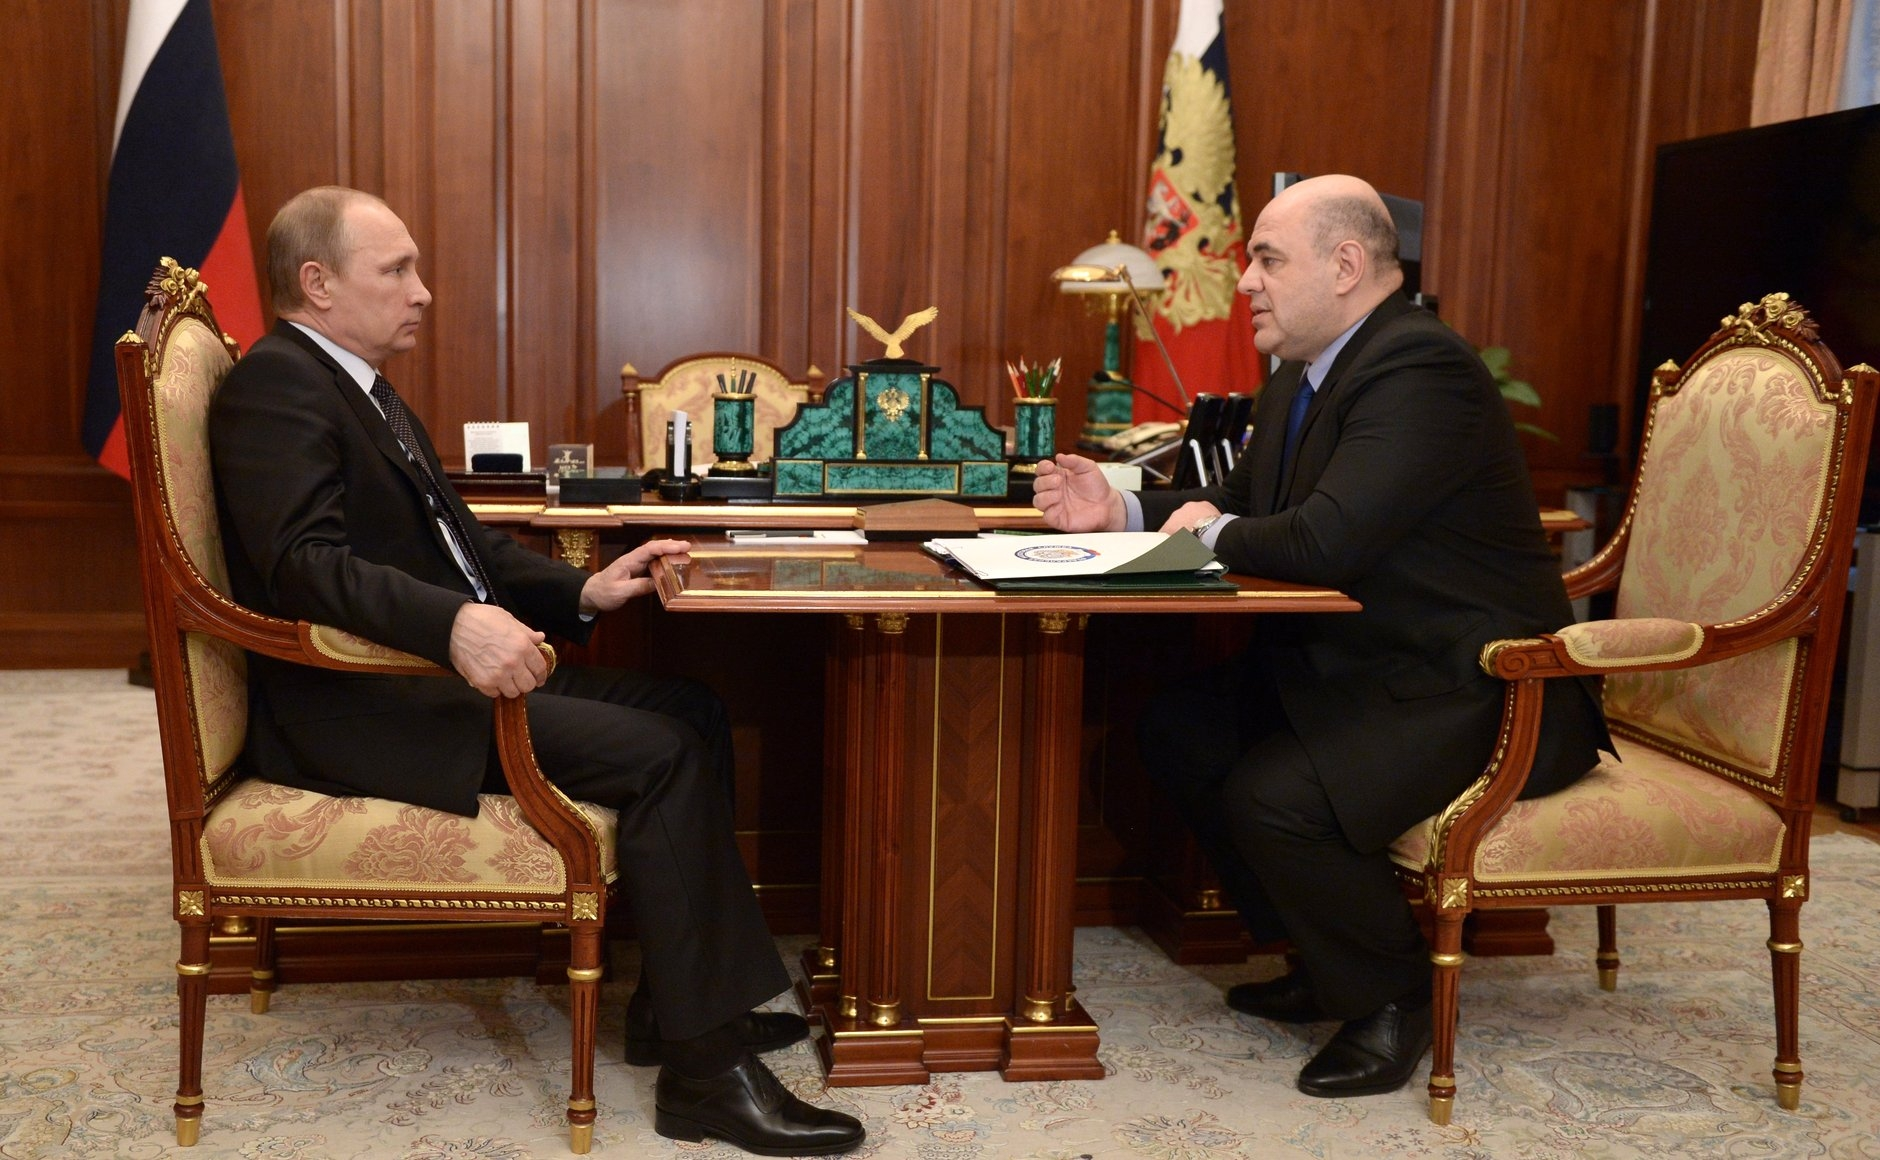 От шеф на кадастъра до премиер – кой e Михаил Мишустин